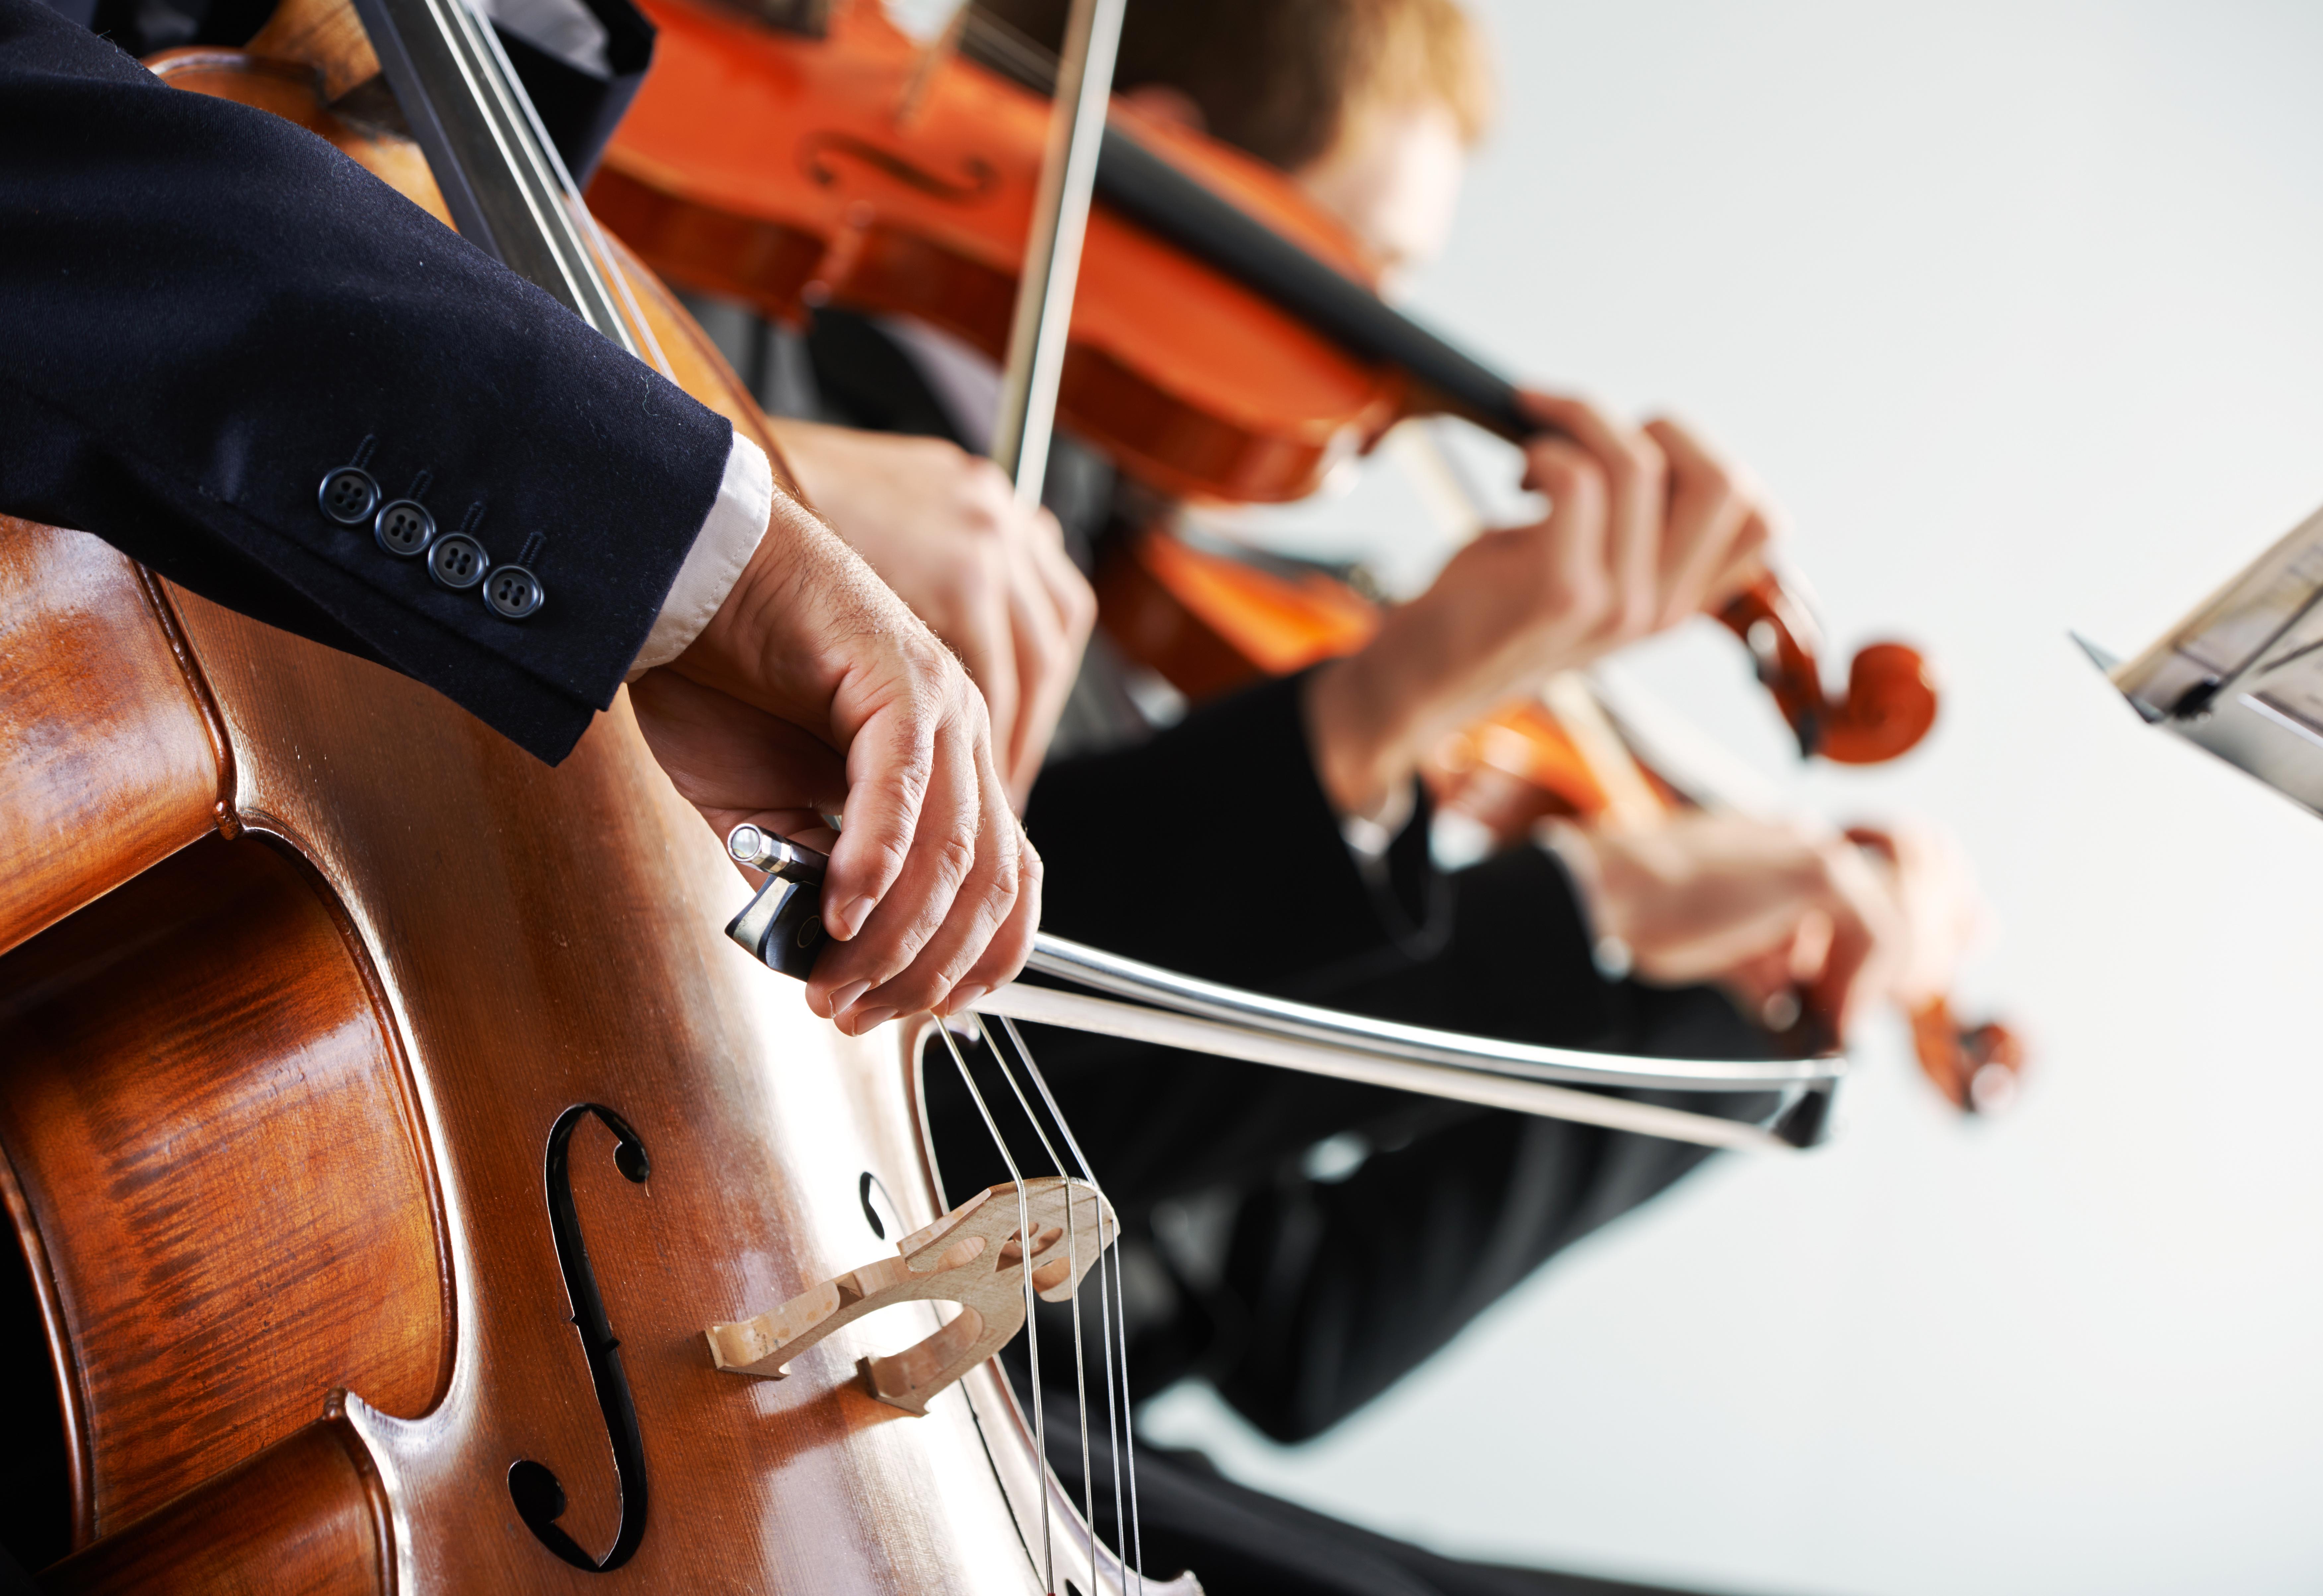 Violoncellistes et violonistes jouant lors d'un concert